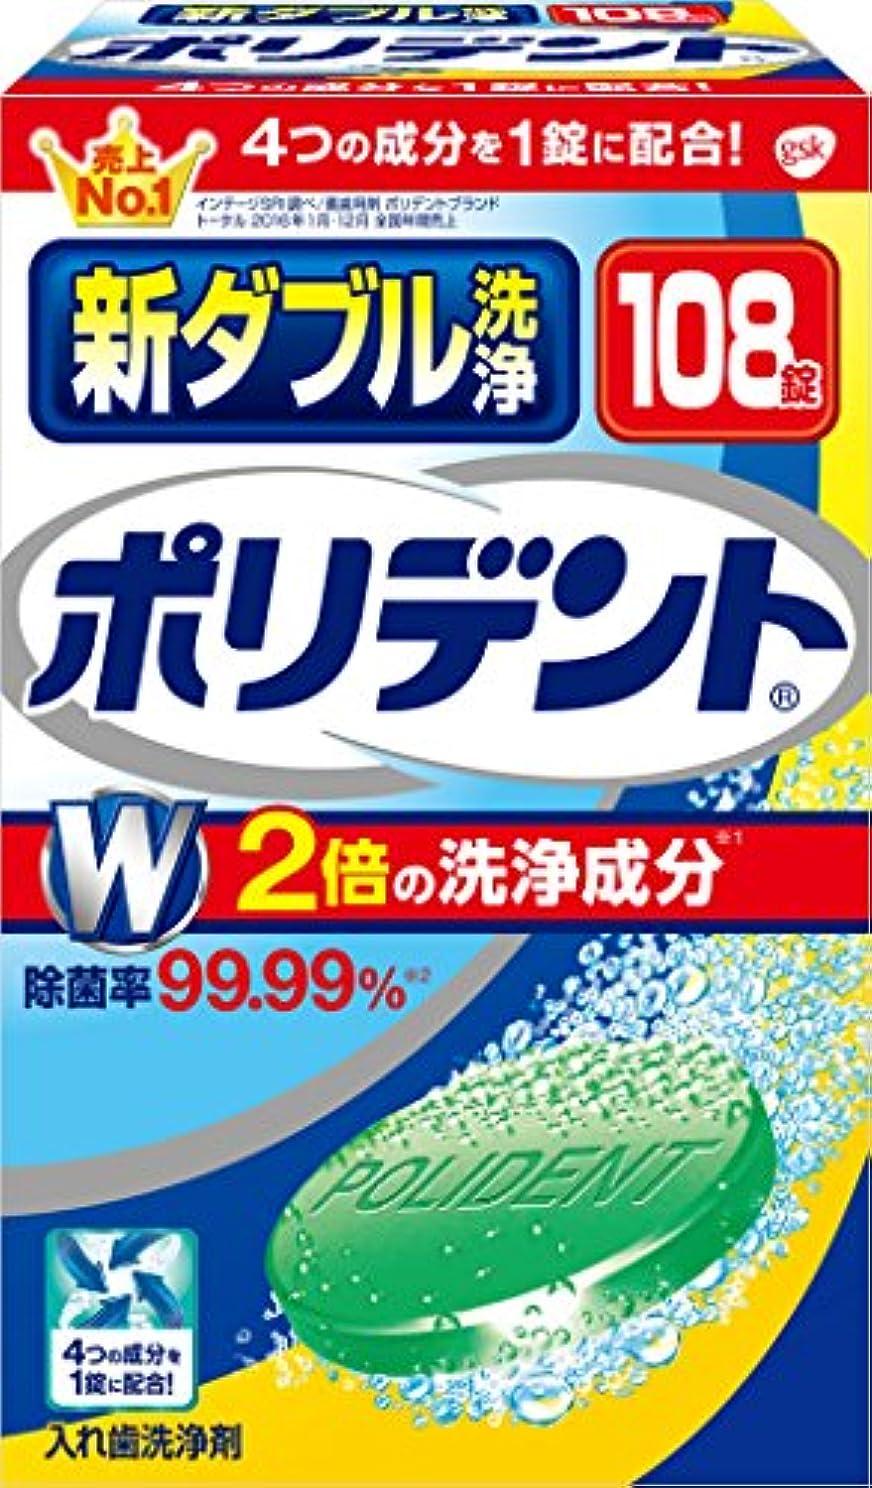 ペリスコープ洞察力のあるパブ入れ歯洗浄剤 新ダブル洗浄 ポリデント  2倍の洗浄成分 108錠